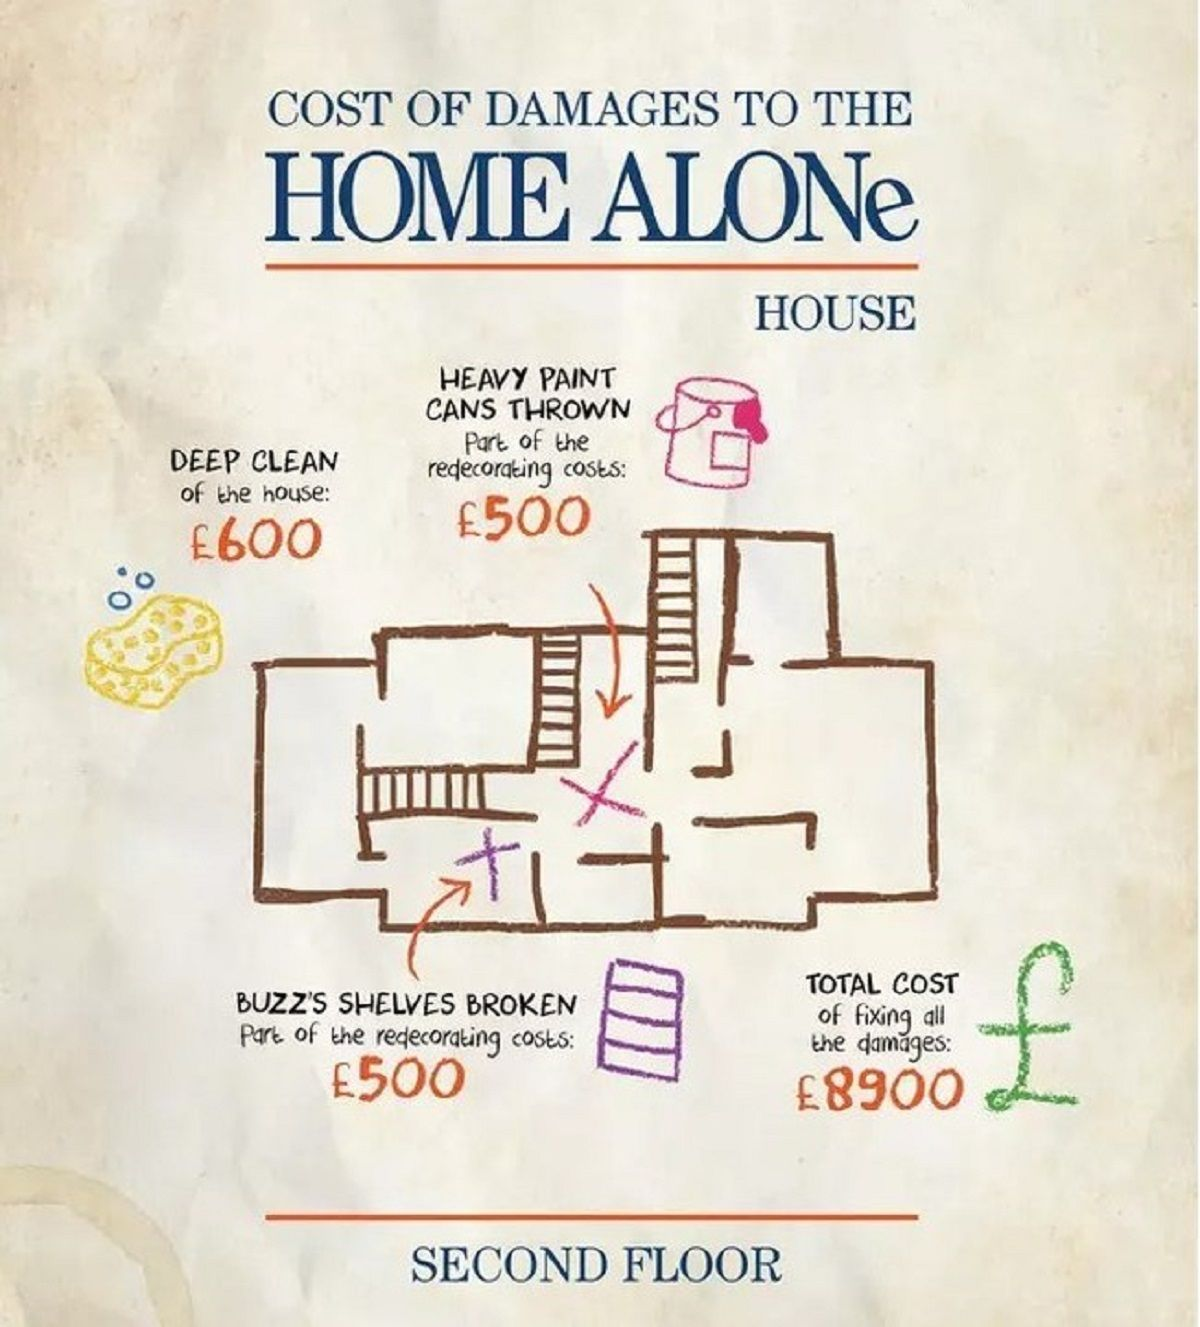 Σκίτσο που δείχνει πόσο κόστσαν οι ζημιές του δευτέρου ορόφου στο Home Alone